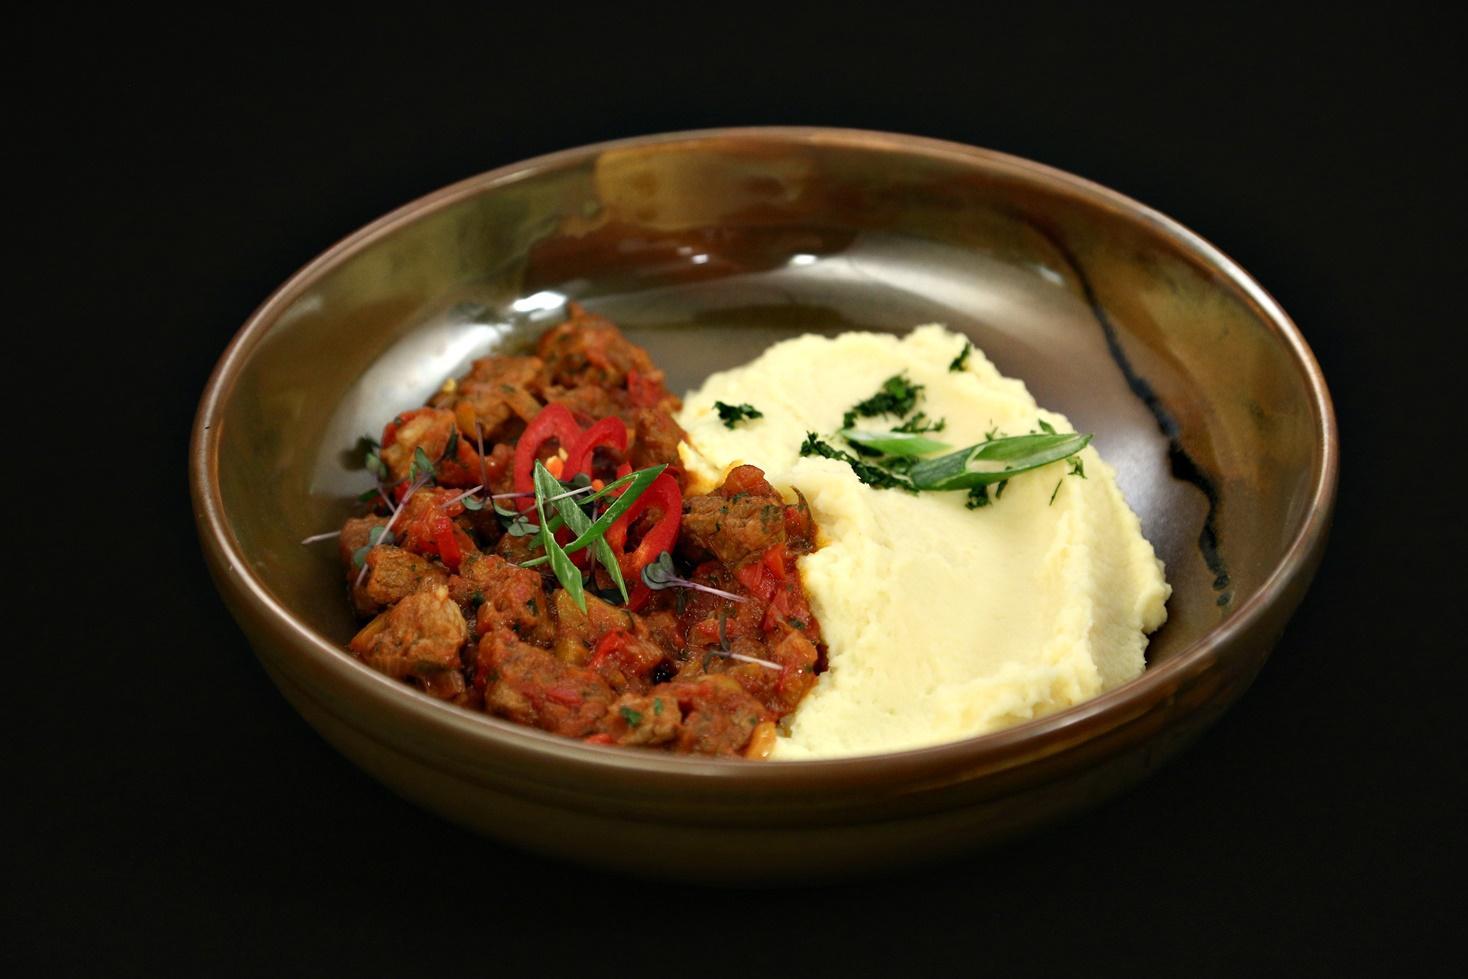 Rețetă de tocăniță de porc ușor picantă cu piure de păstârnac, gătită de Lavinia Ilcău la Chefi la cuțite